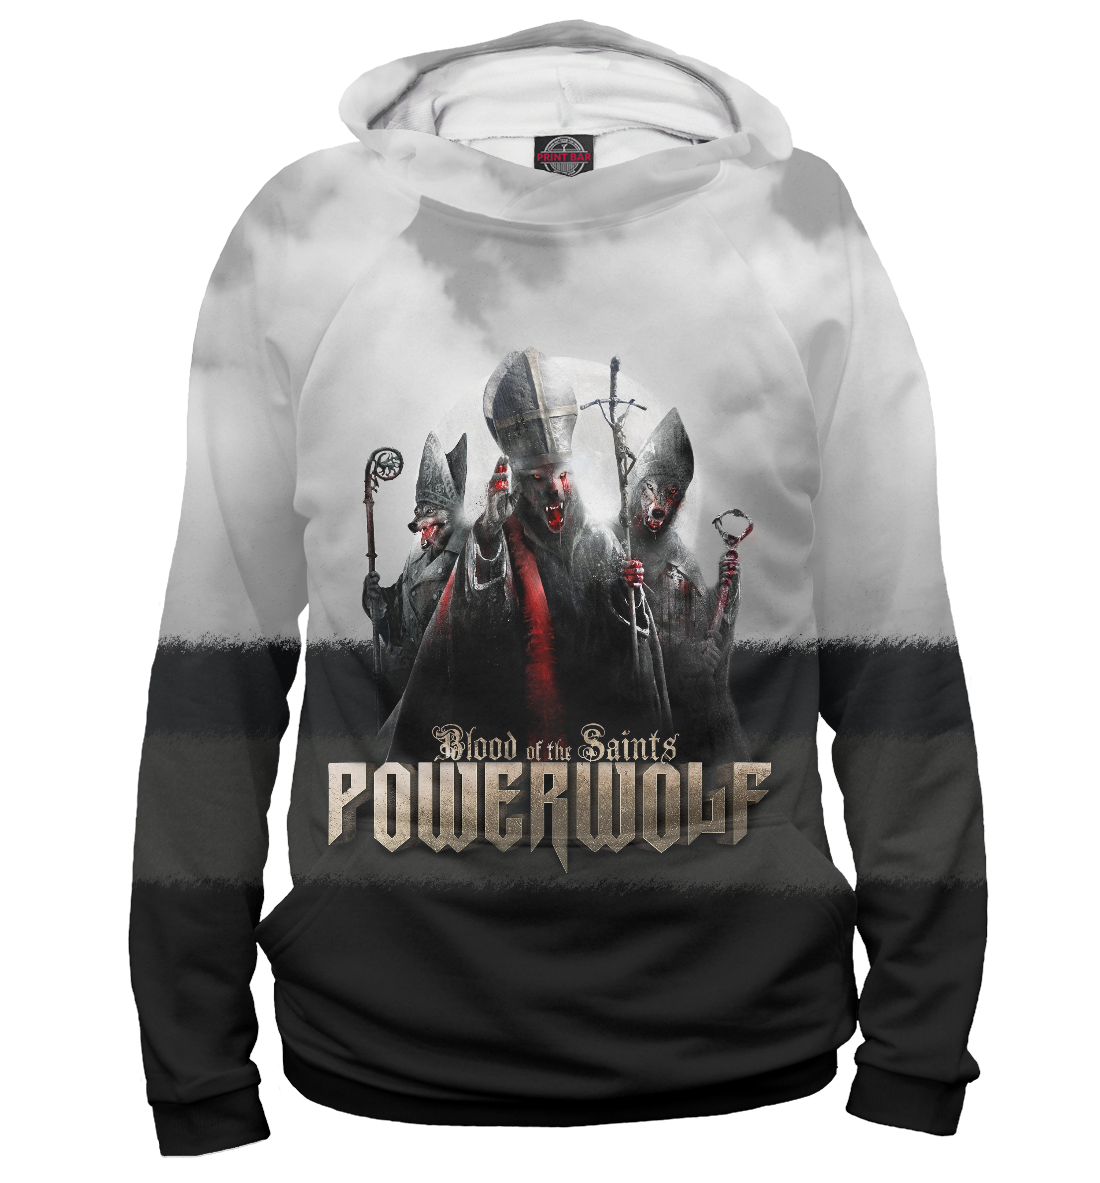 Купить Powerwolf - Blood Of The Saints, Printbar, Худи, PWF-704039-hud-1